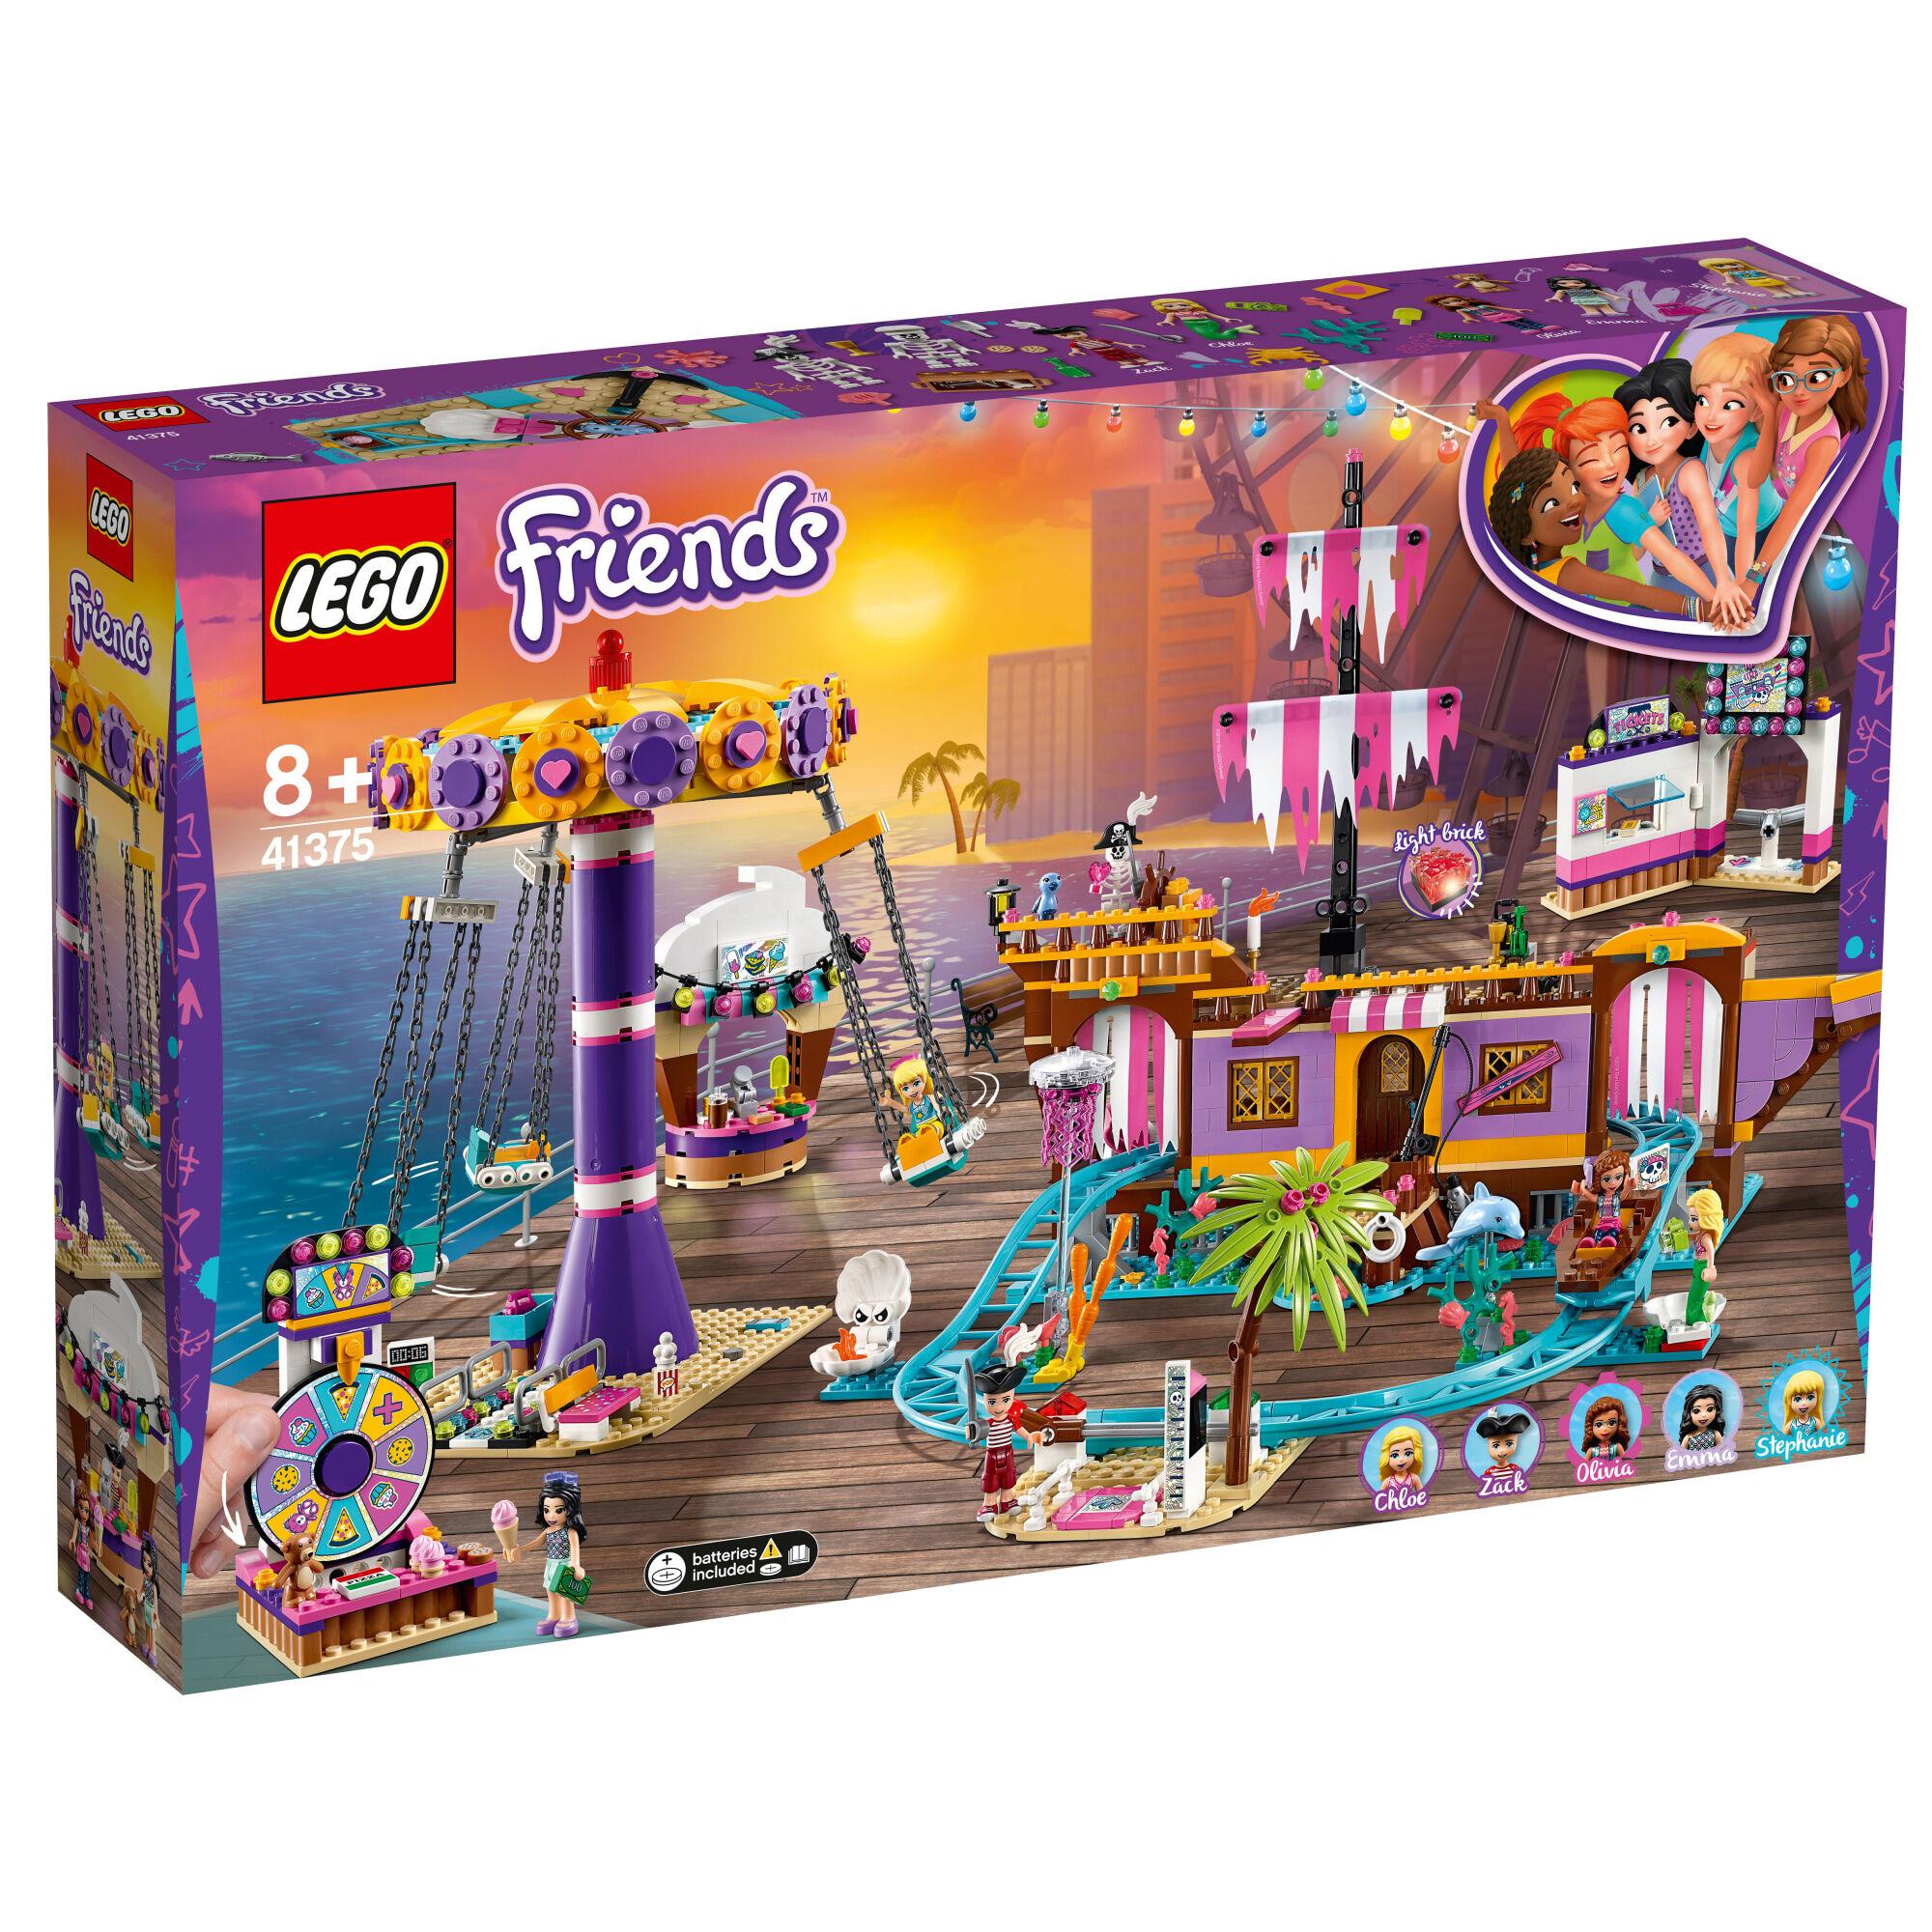 Lego Friends 41375 Heartlake Cityn huvipuistolaituri